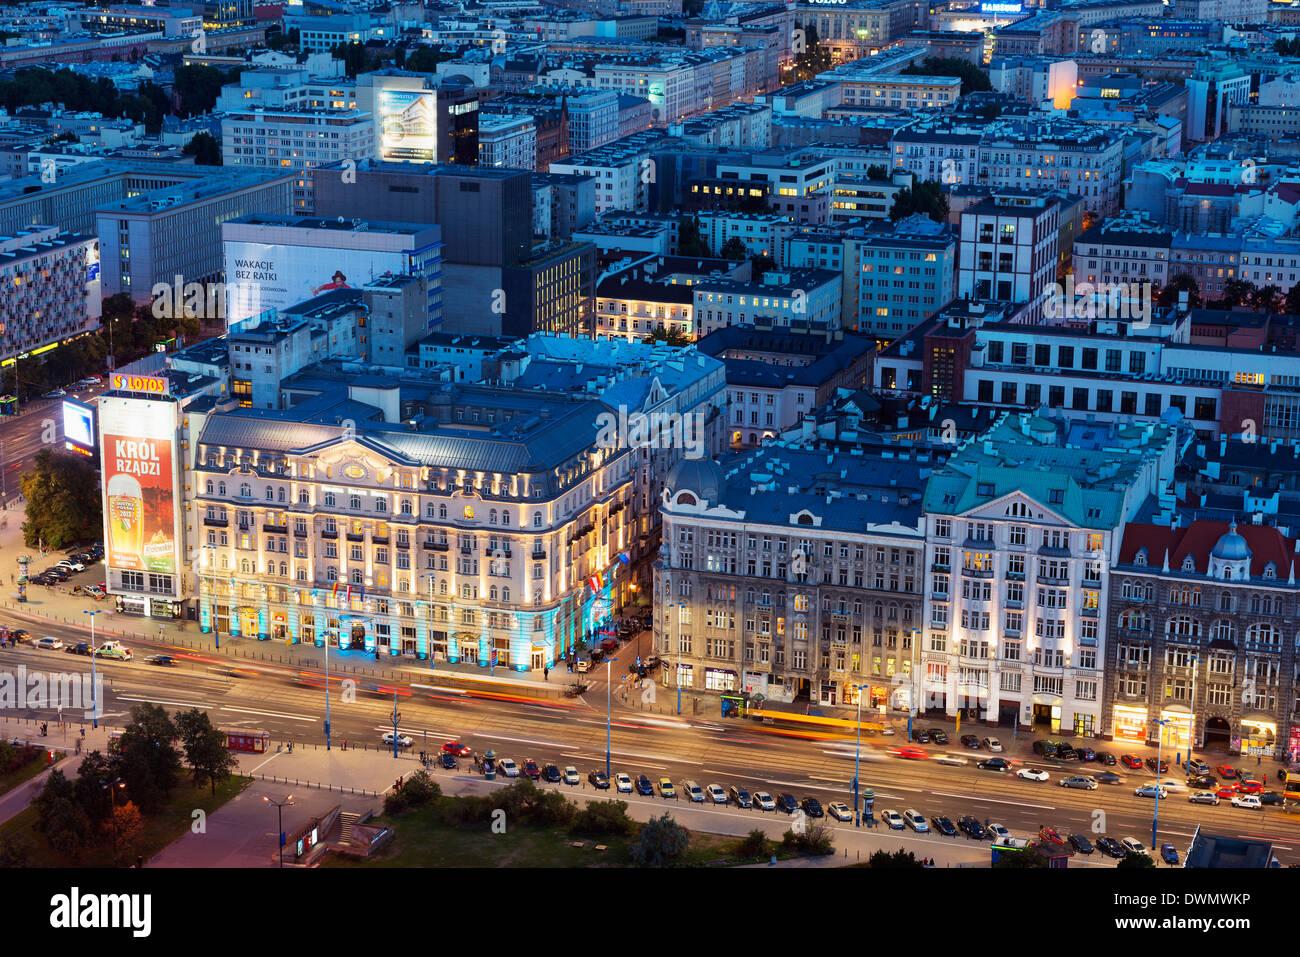 Città vista dal palazzo della cultura e della scienza, Varsavia, Polonia, Europa Immagini Stock